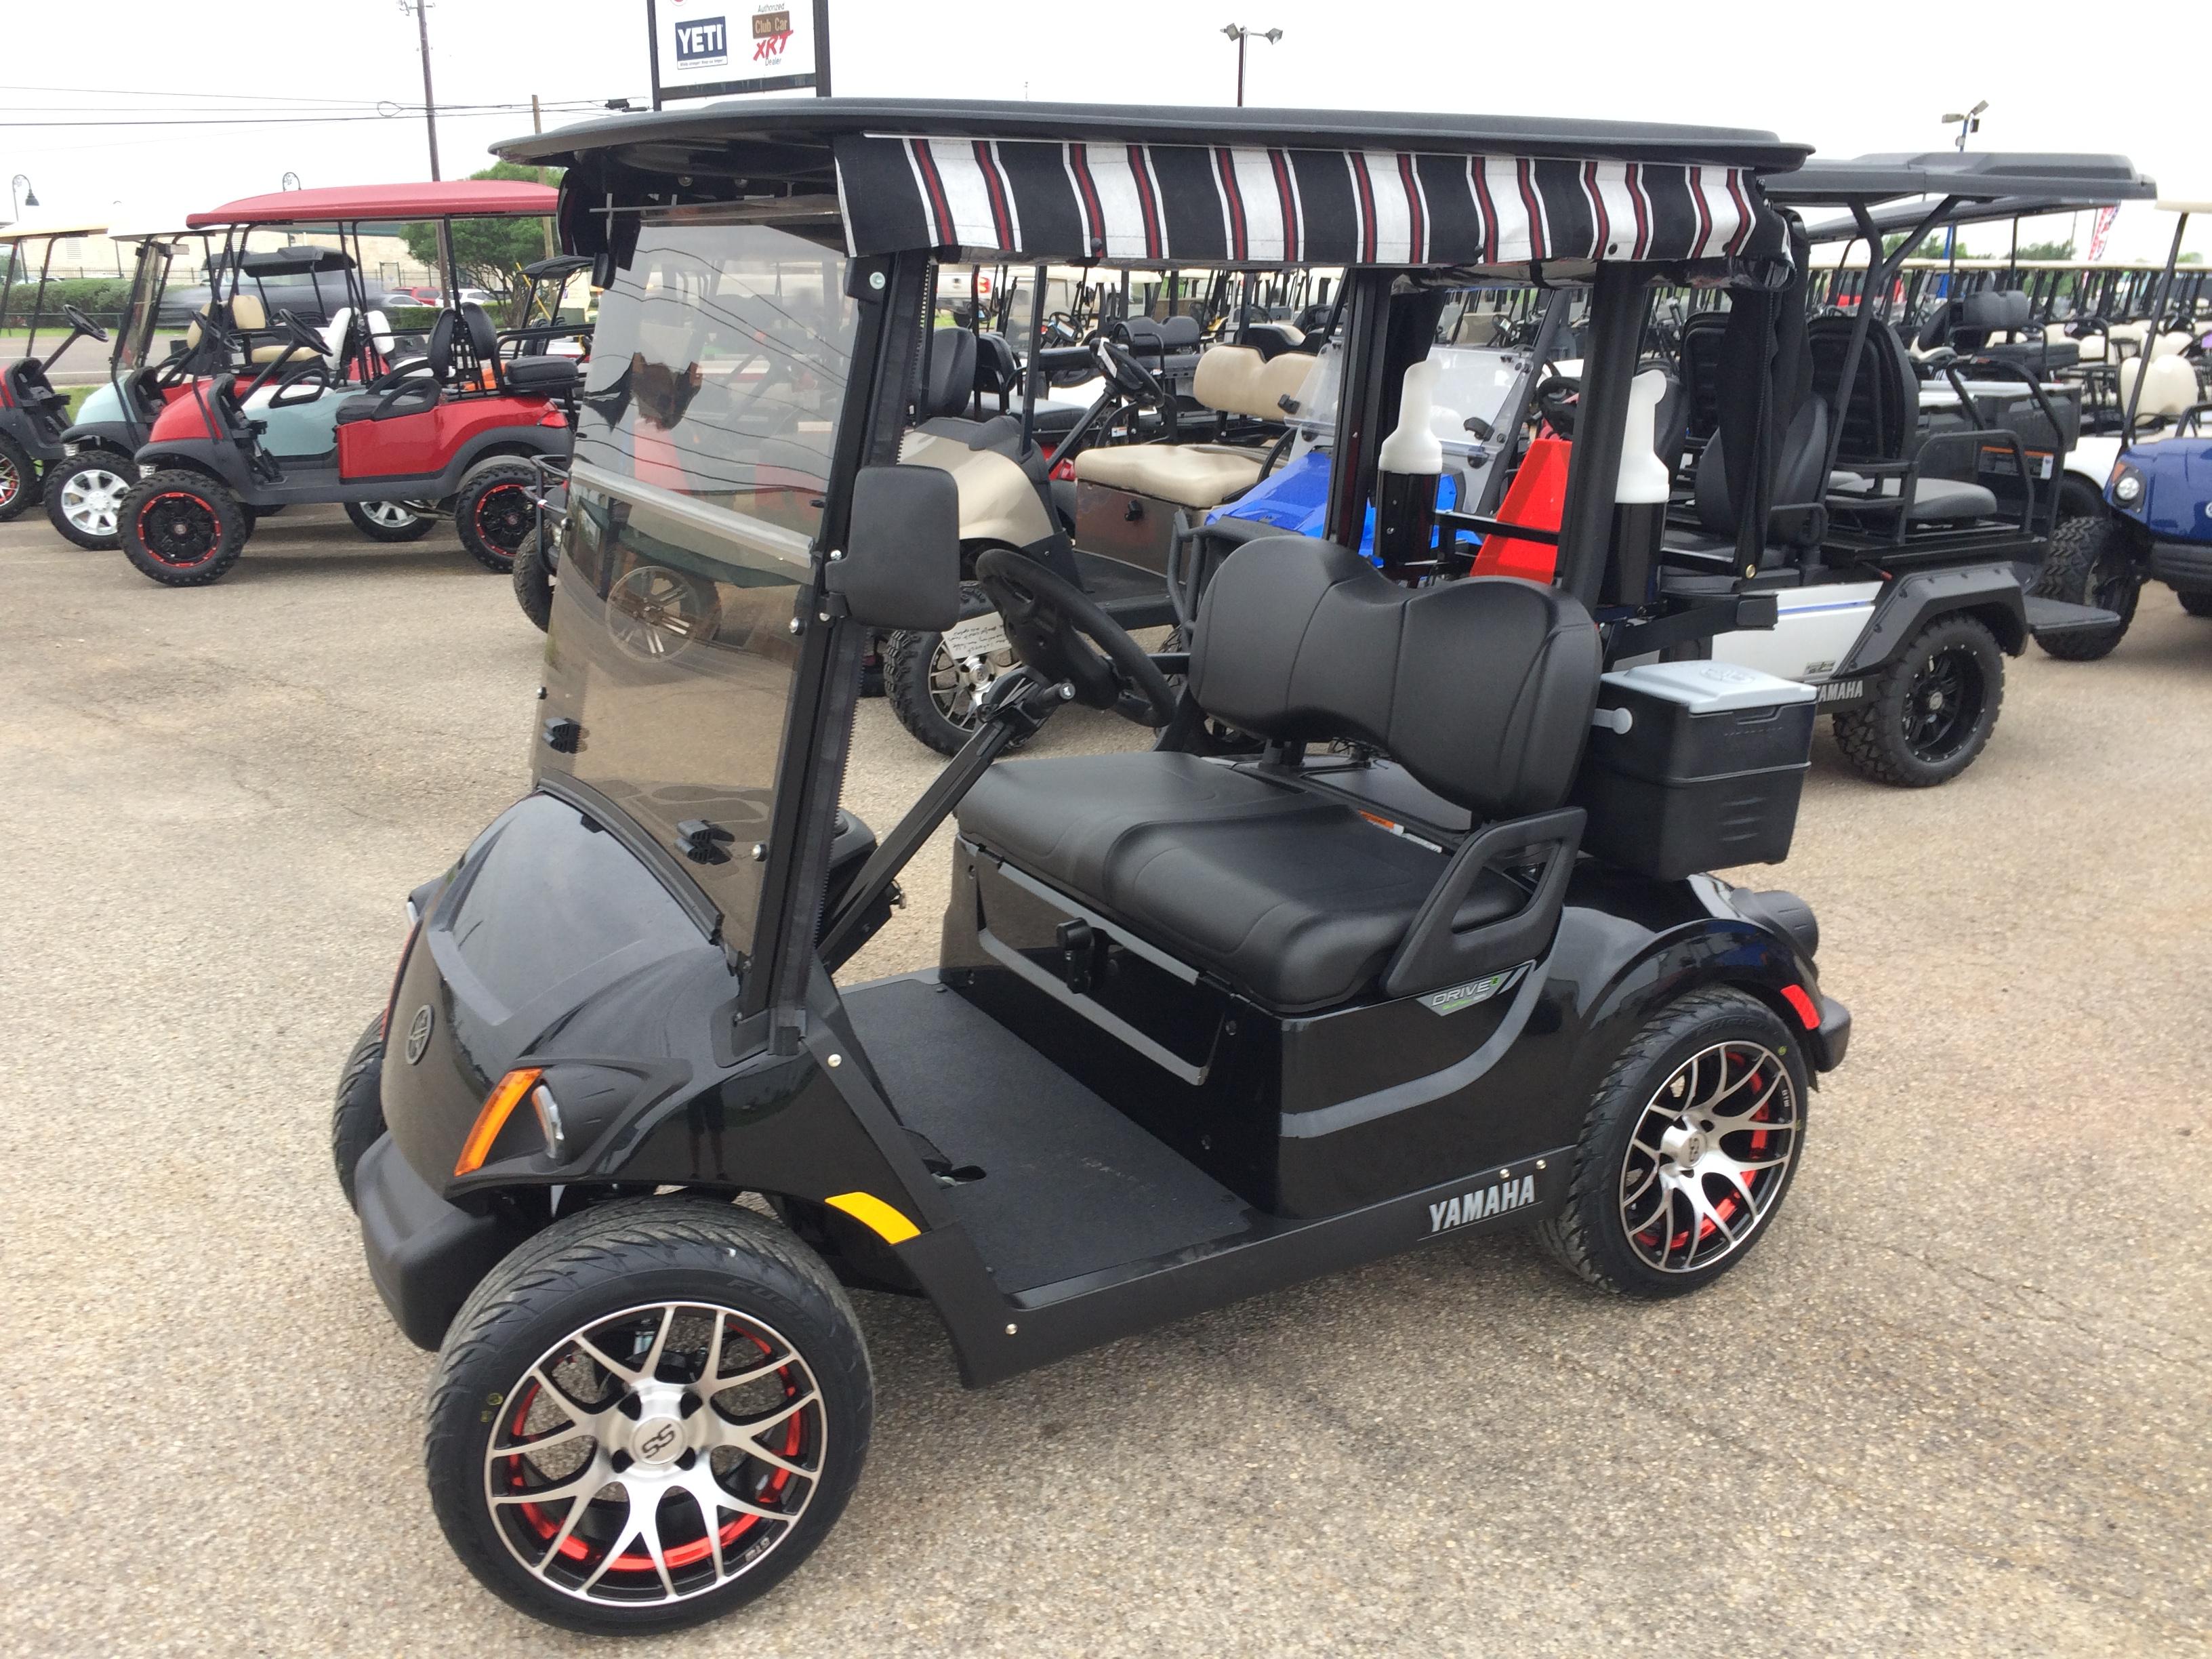 2019 Yamaha Quietech Gas Ennis Golf Carts